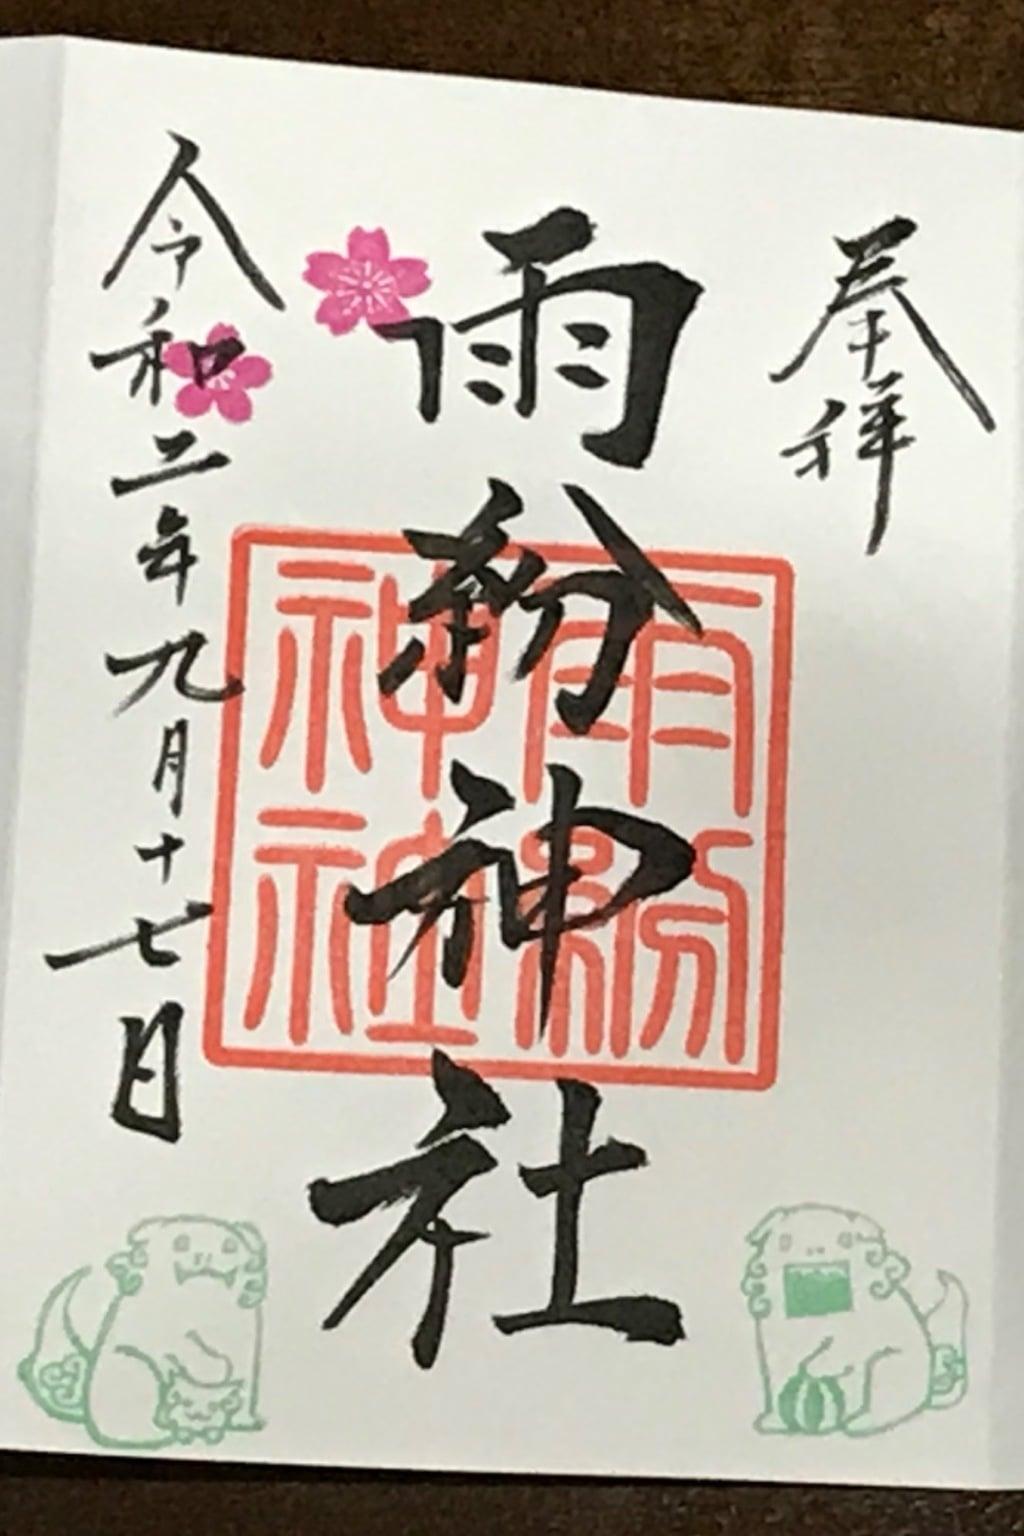 雨粉神社の御朱印